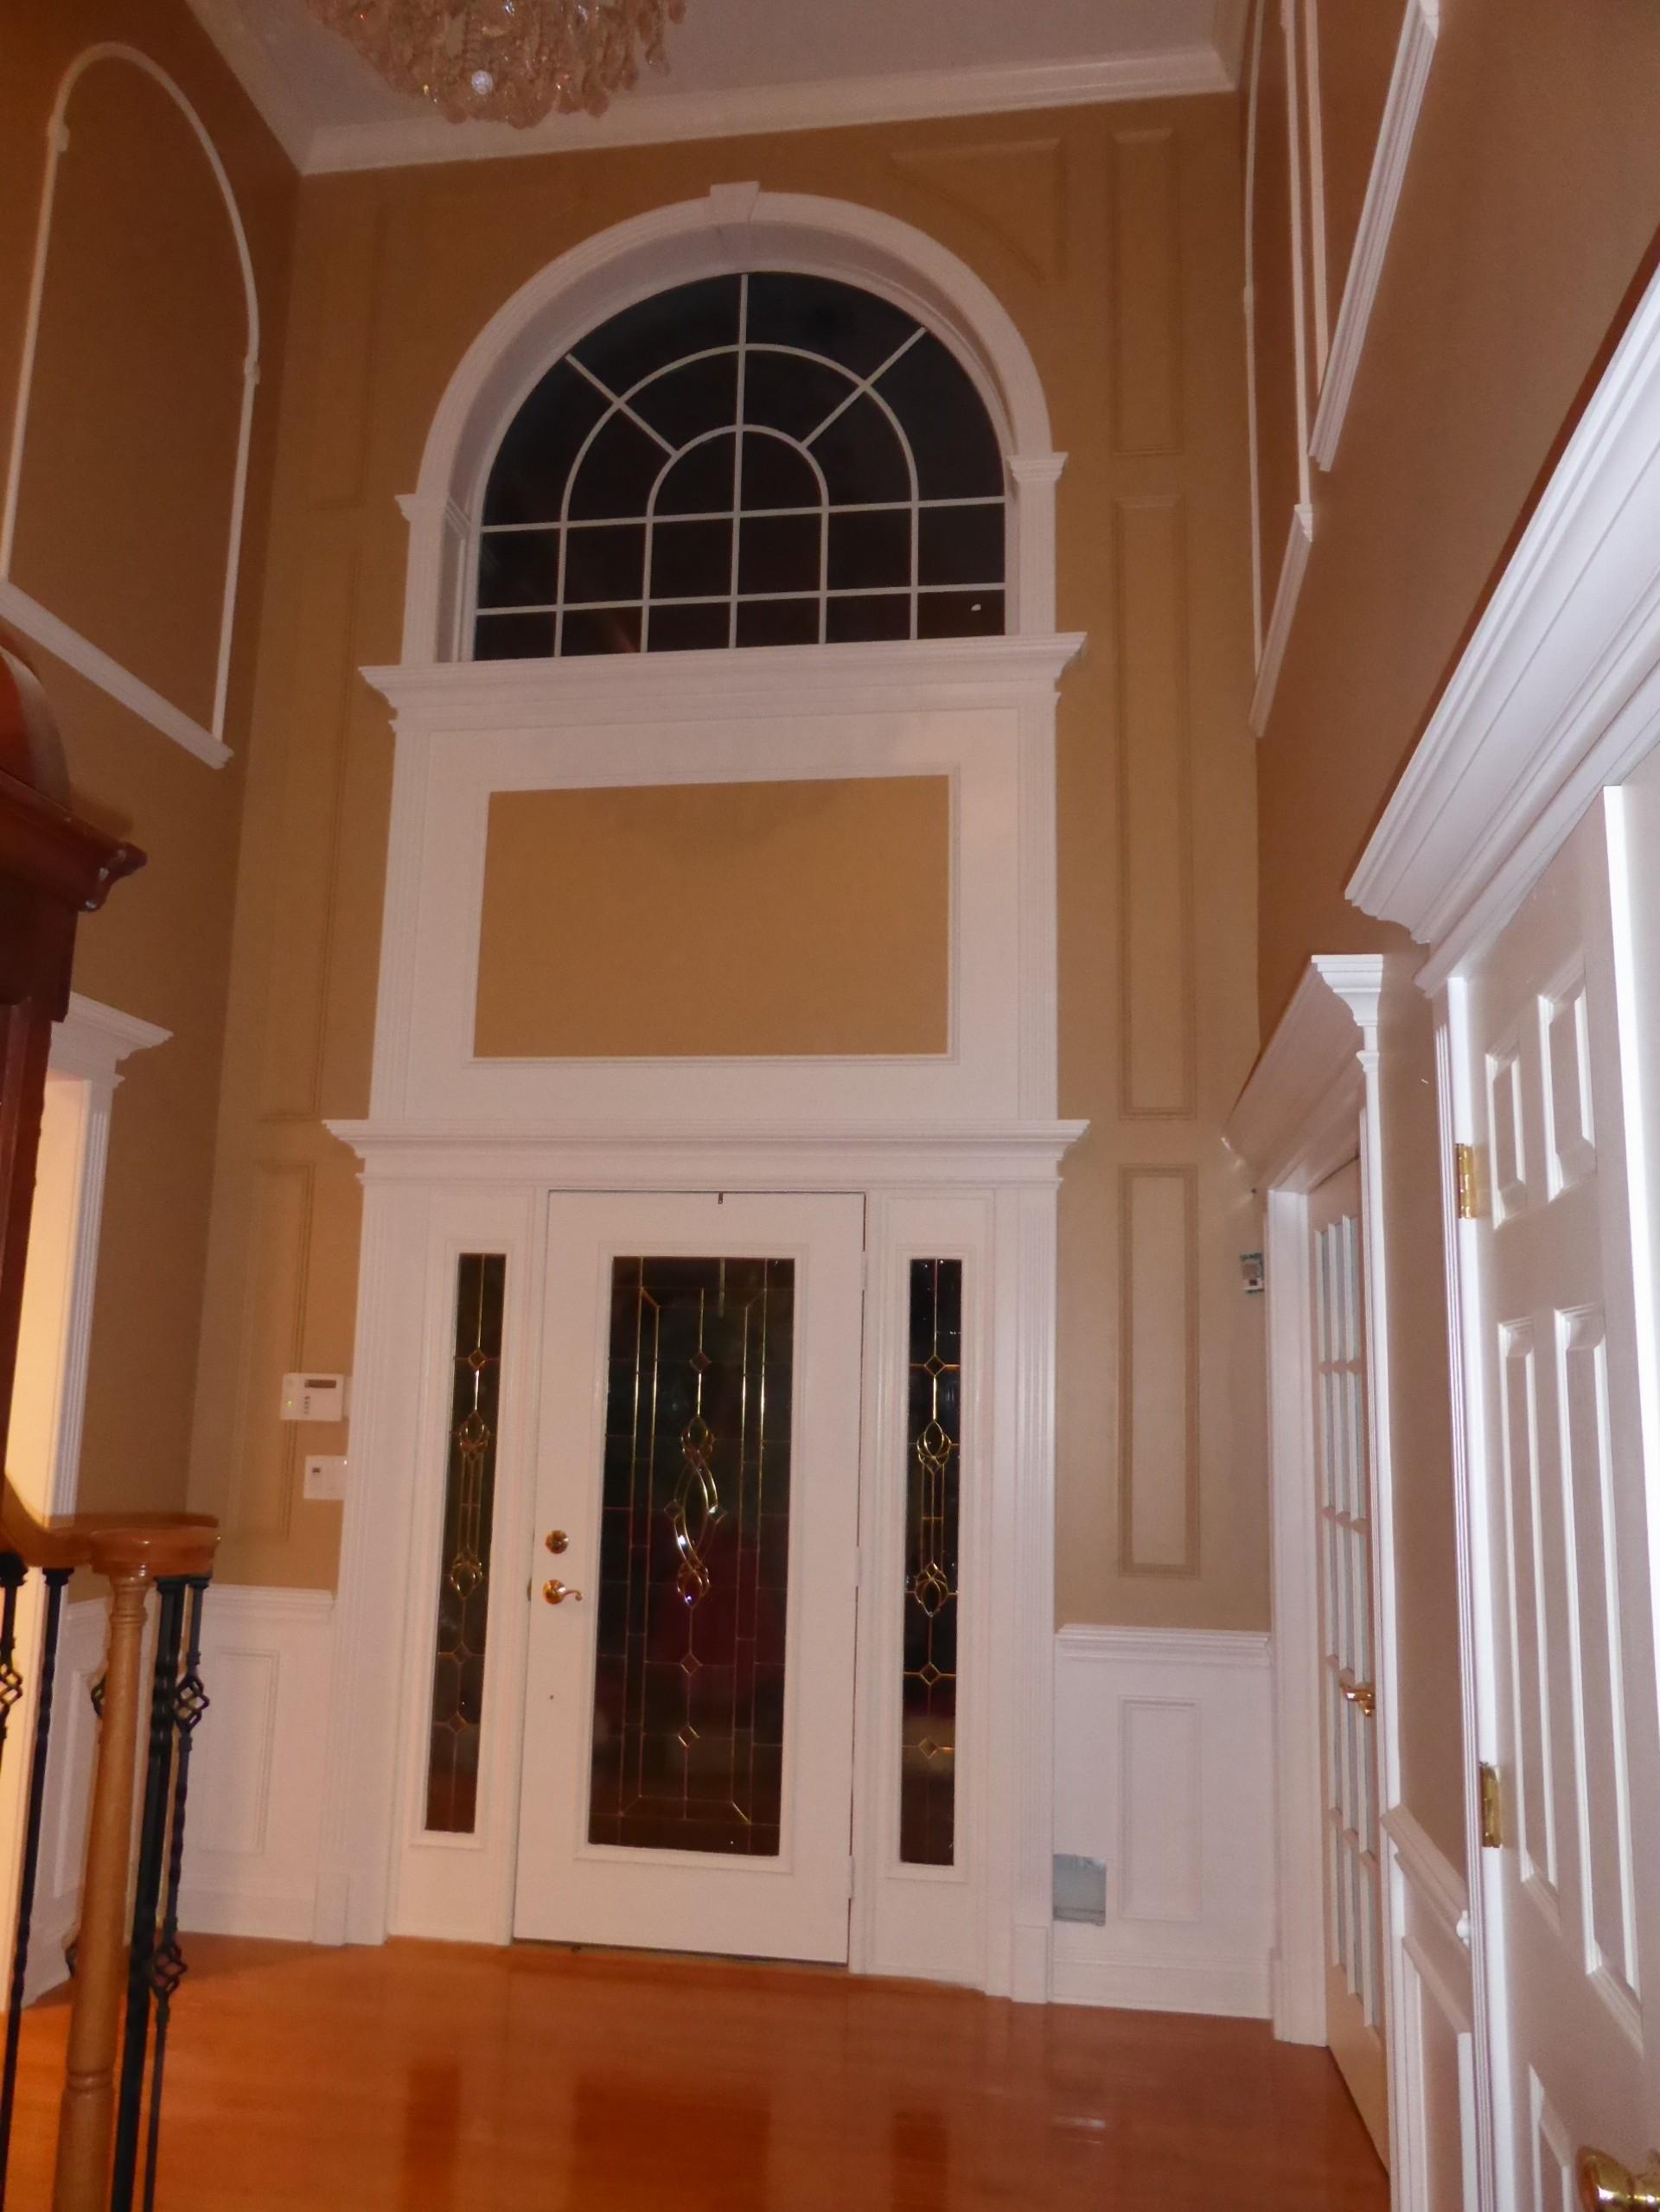 Foyer Ceiling Trim : Foyer design crown molding nj llc